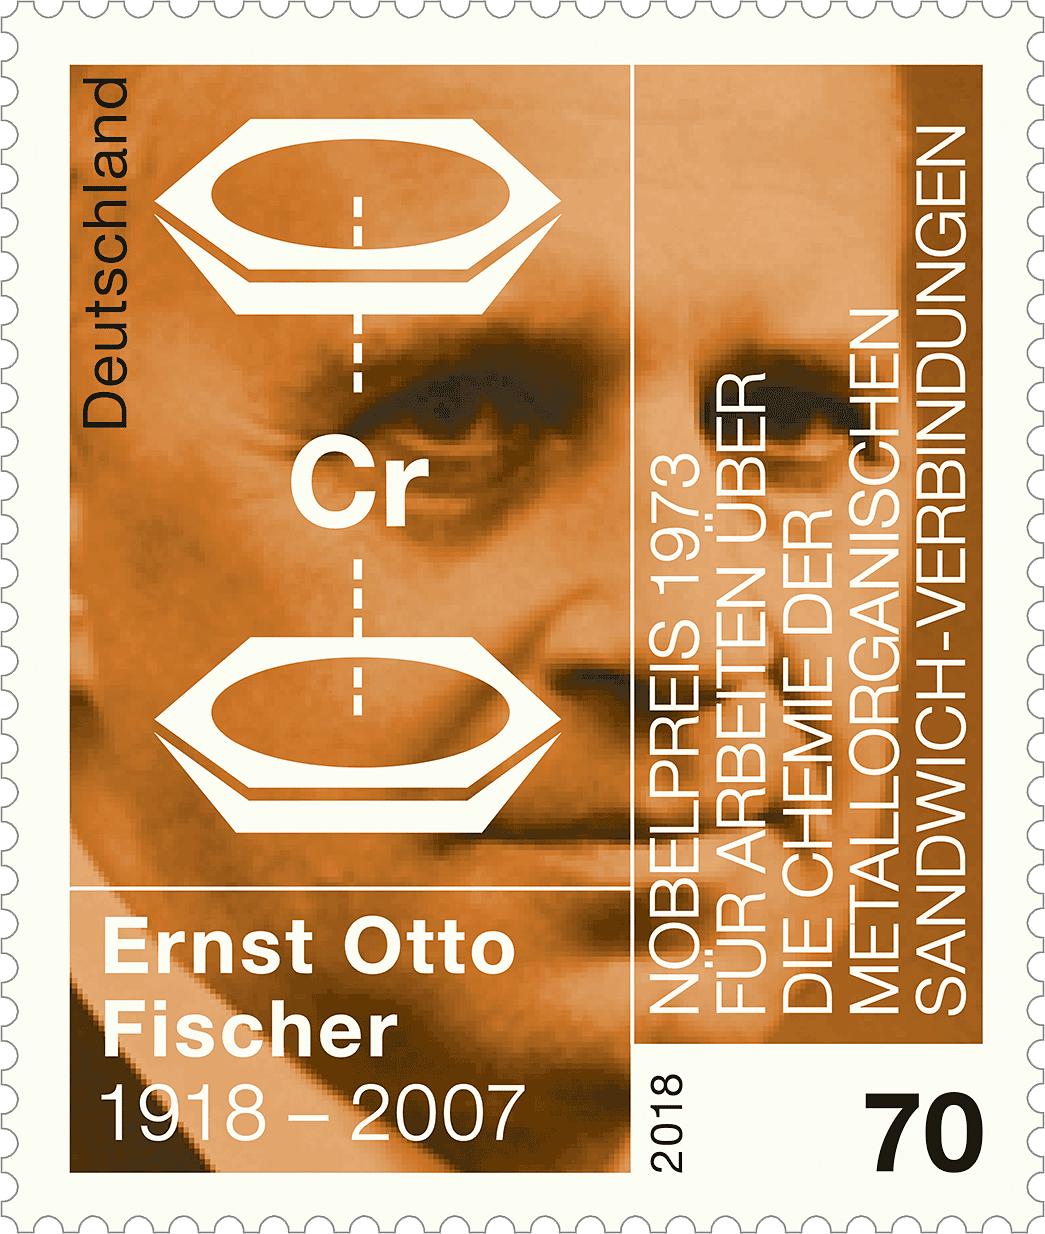 https://www.borek.de/briefmarke-100-geburtstag-ernst-otto-fischer